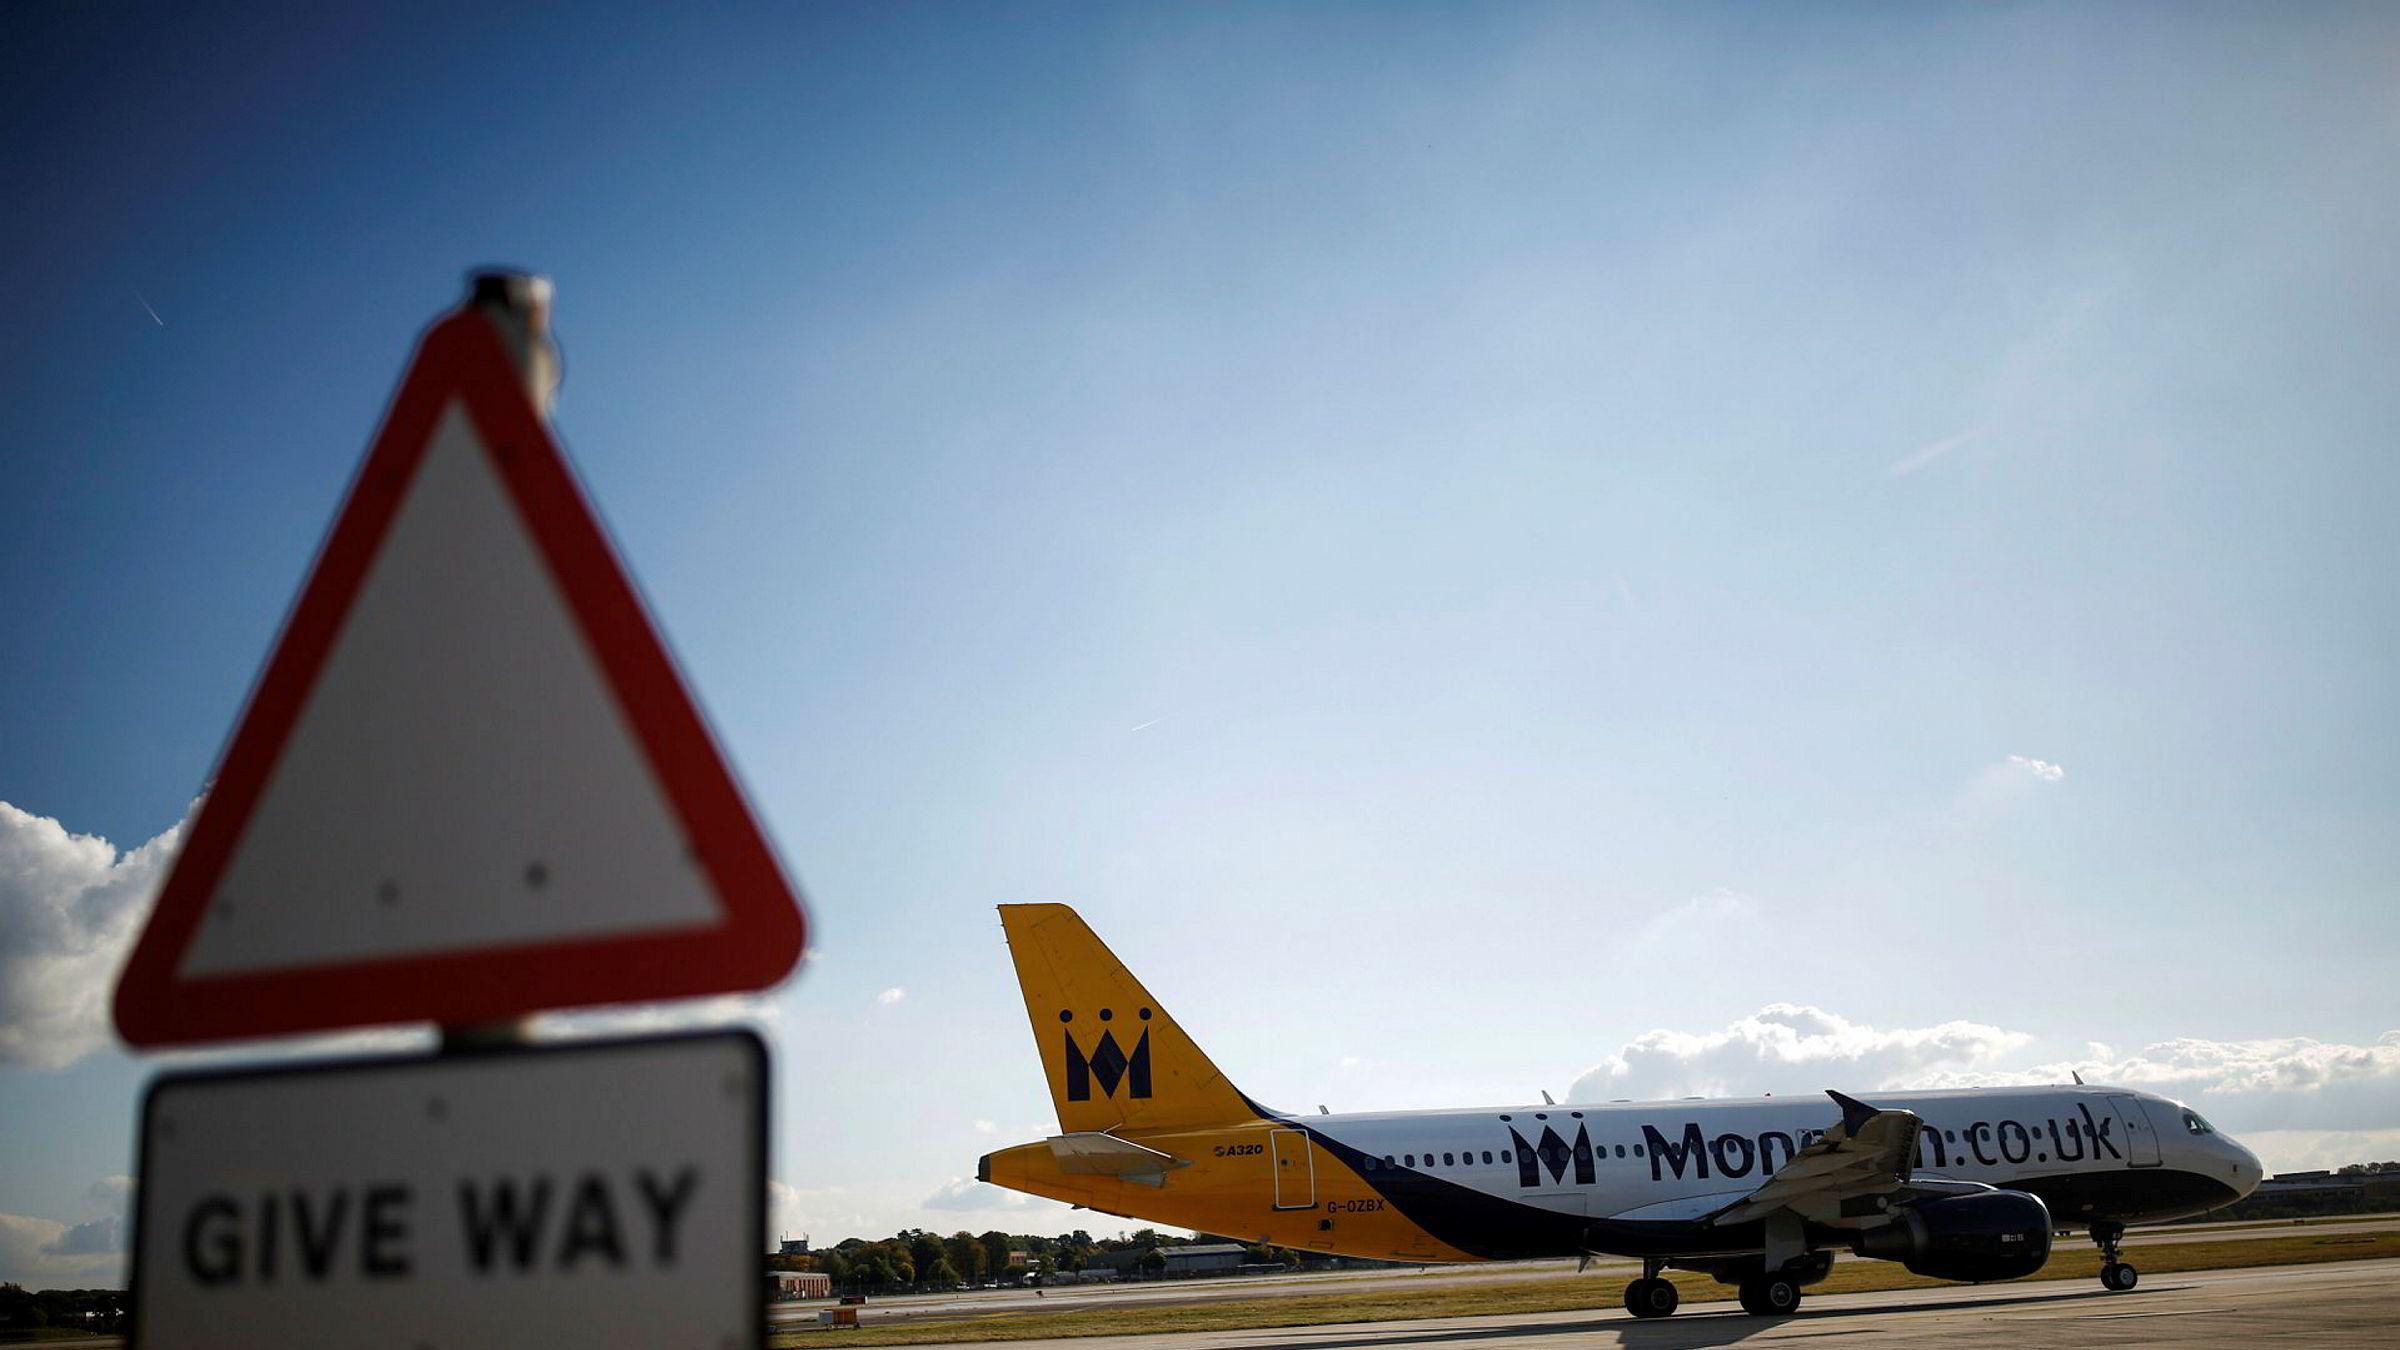 Norwegian skal ifølge nyhetsbyrået AP ha undersøkt muligheten for å kjøpe hele eller deler av virksomheten til det britiske flyselskapet Monarch Airlines.